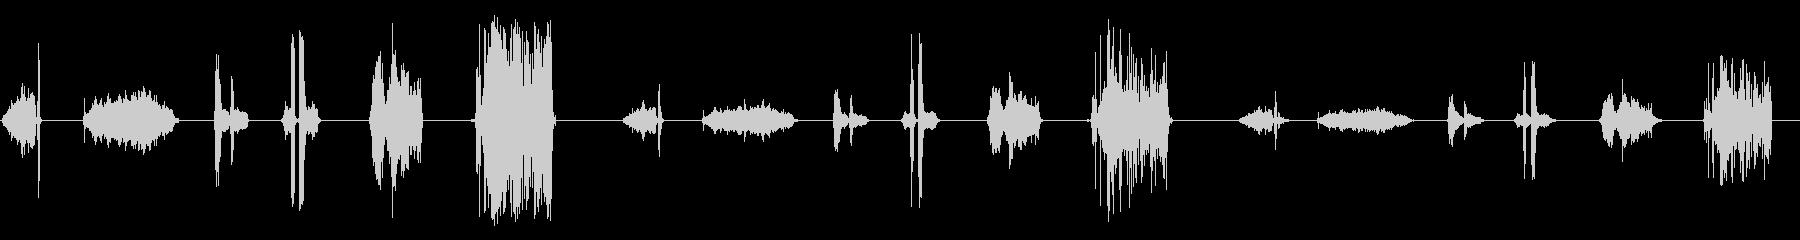 ローププル2の未再生の波形